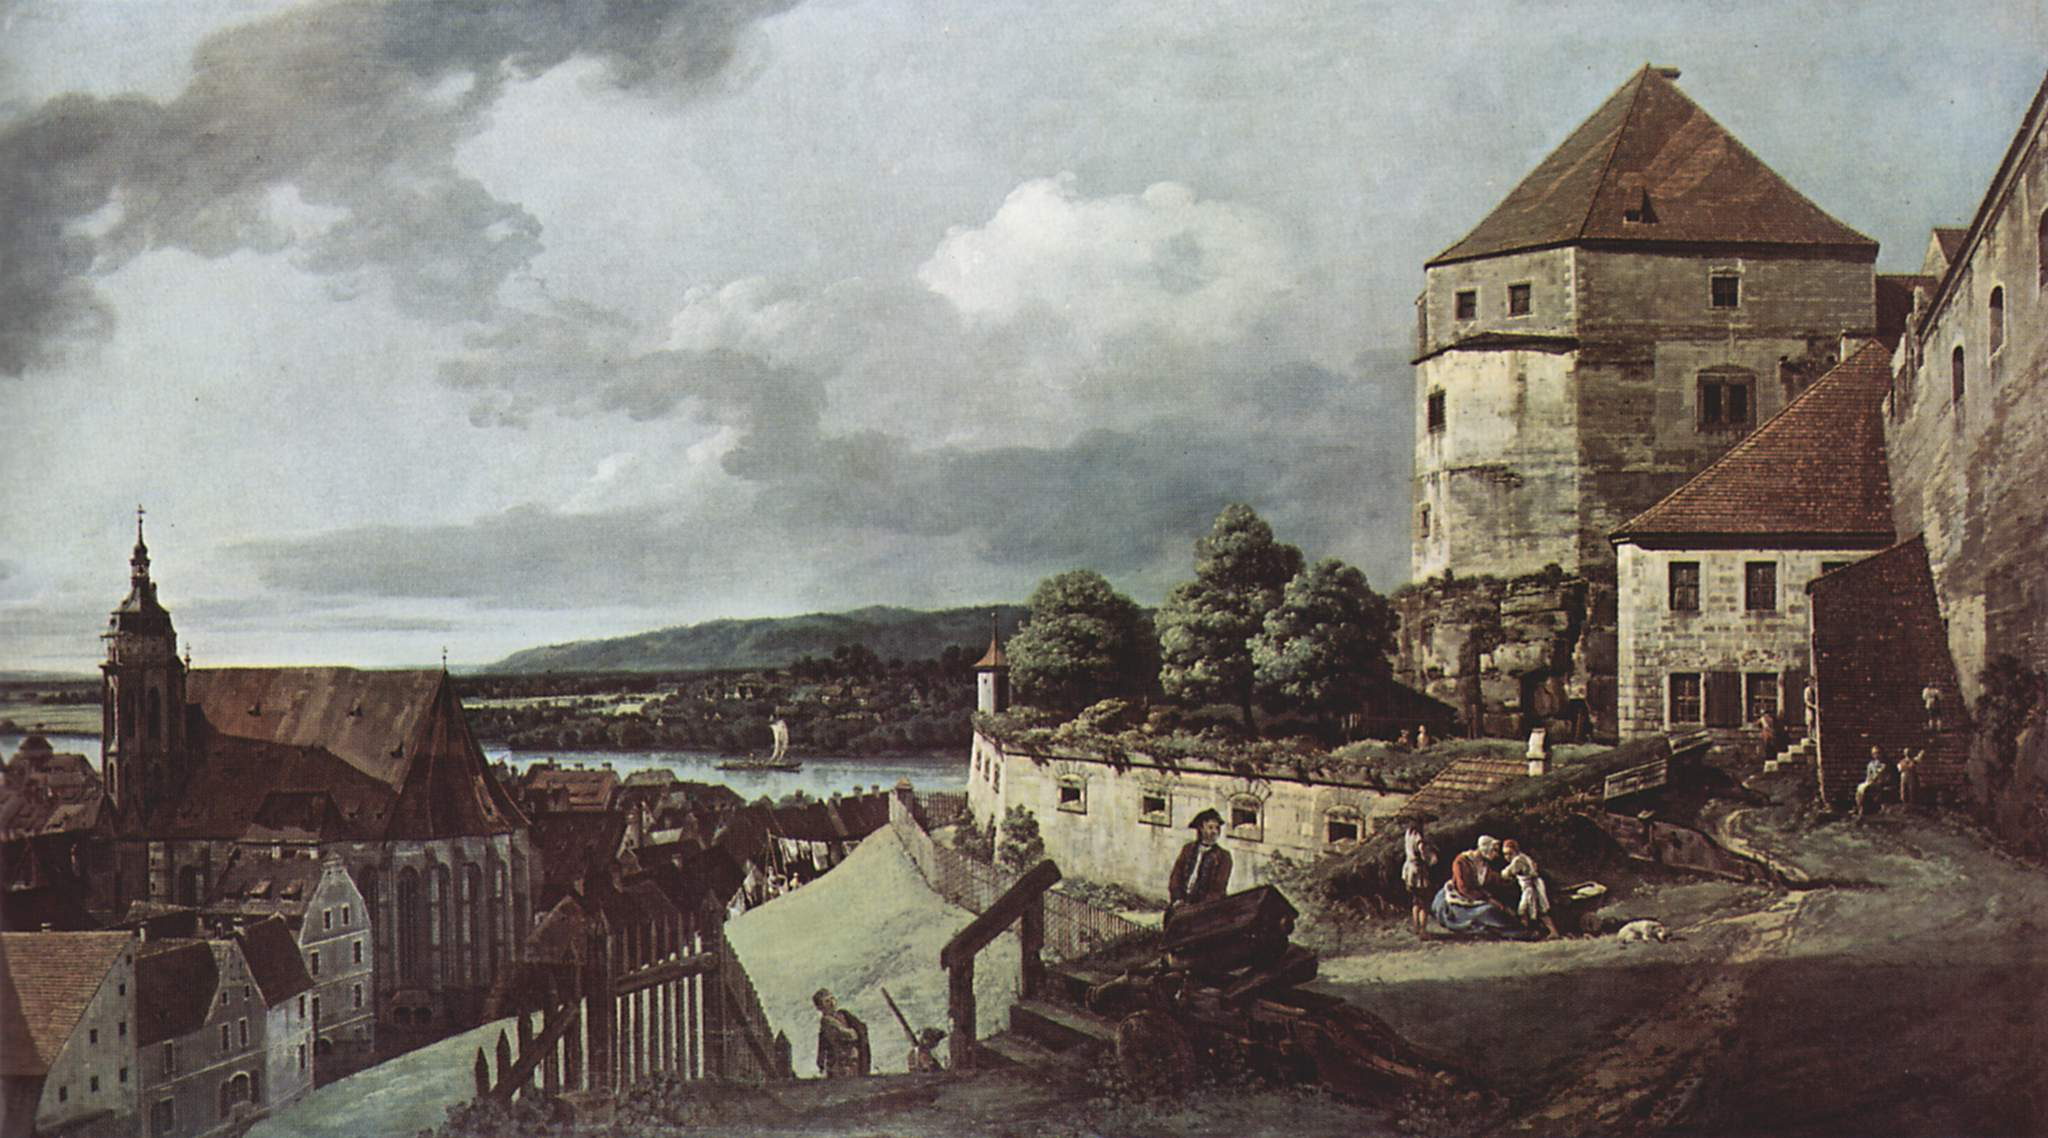 Вид Пирны, Пирна, вид со стороны крепости Зонненшайн, Джованни Антонио Каналетто 1